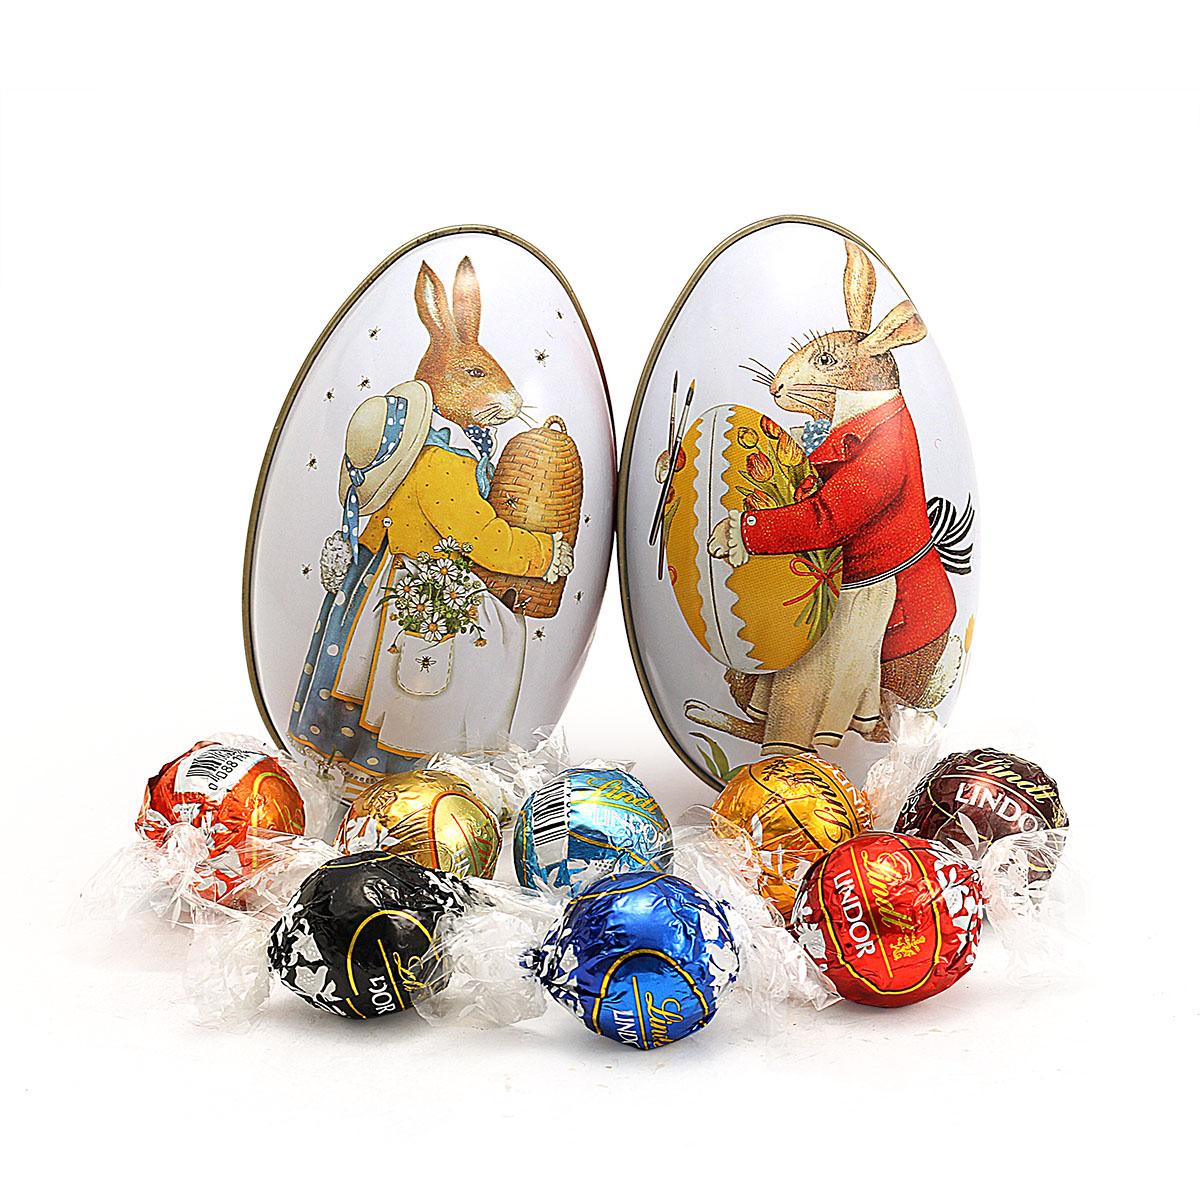 双12圣诞节兔子彩蛋lindt 5味瑞士莲巧克力Lindor买2个包邮 婚礼